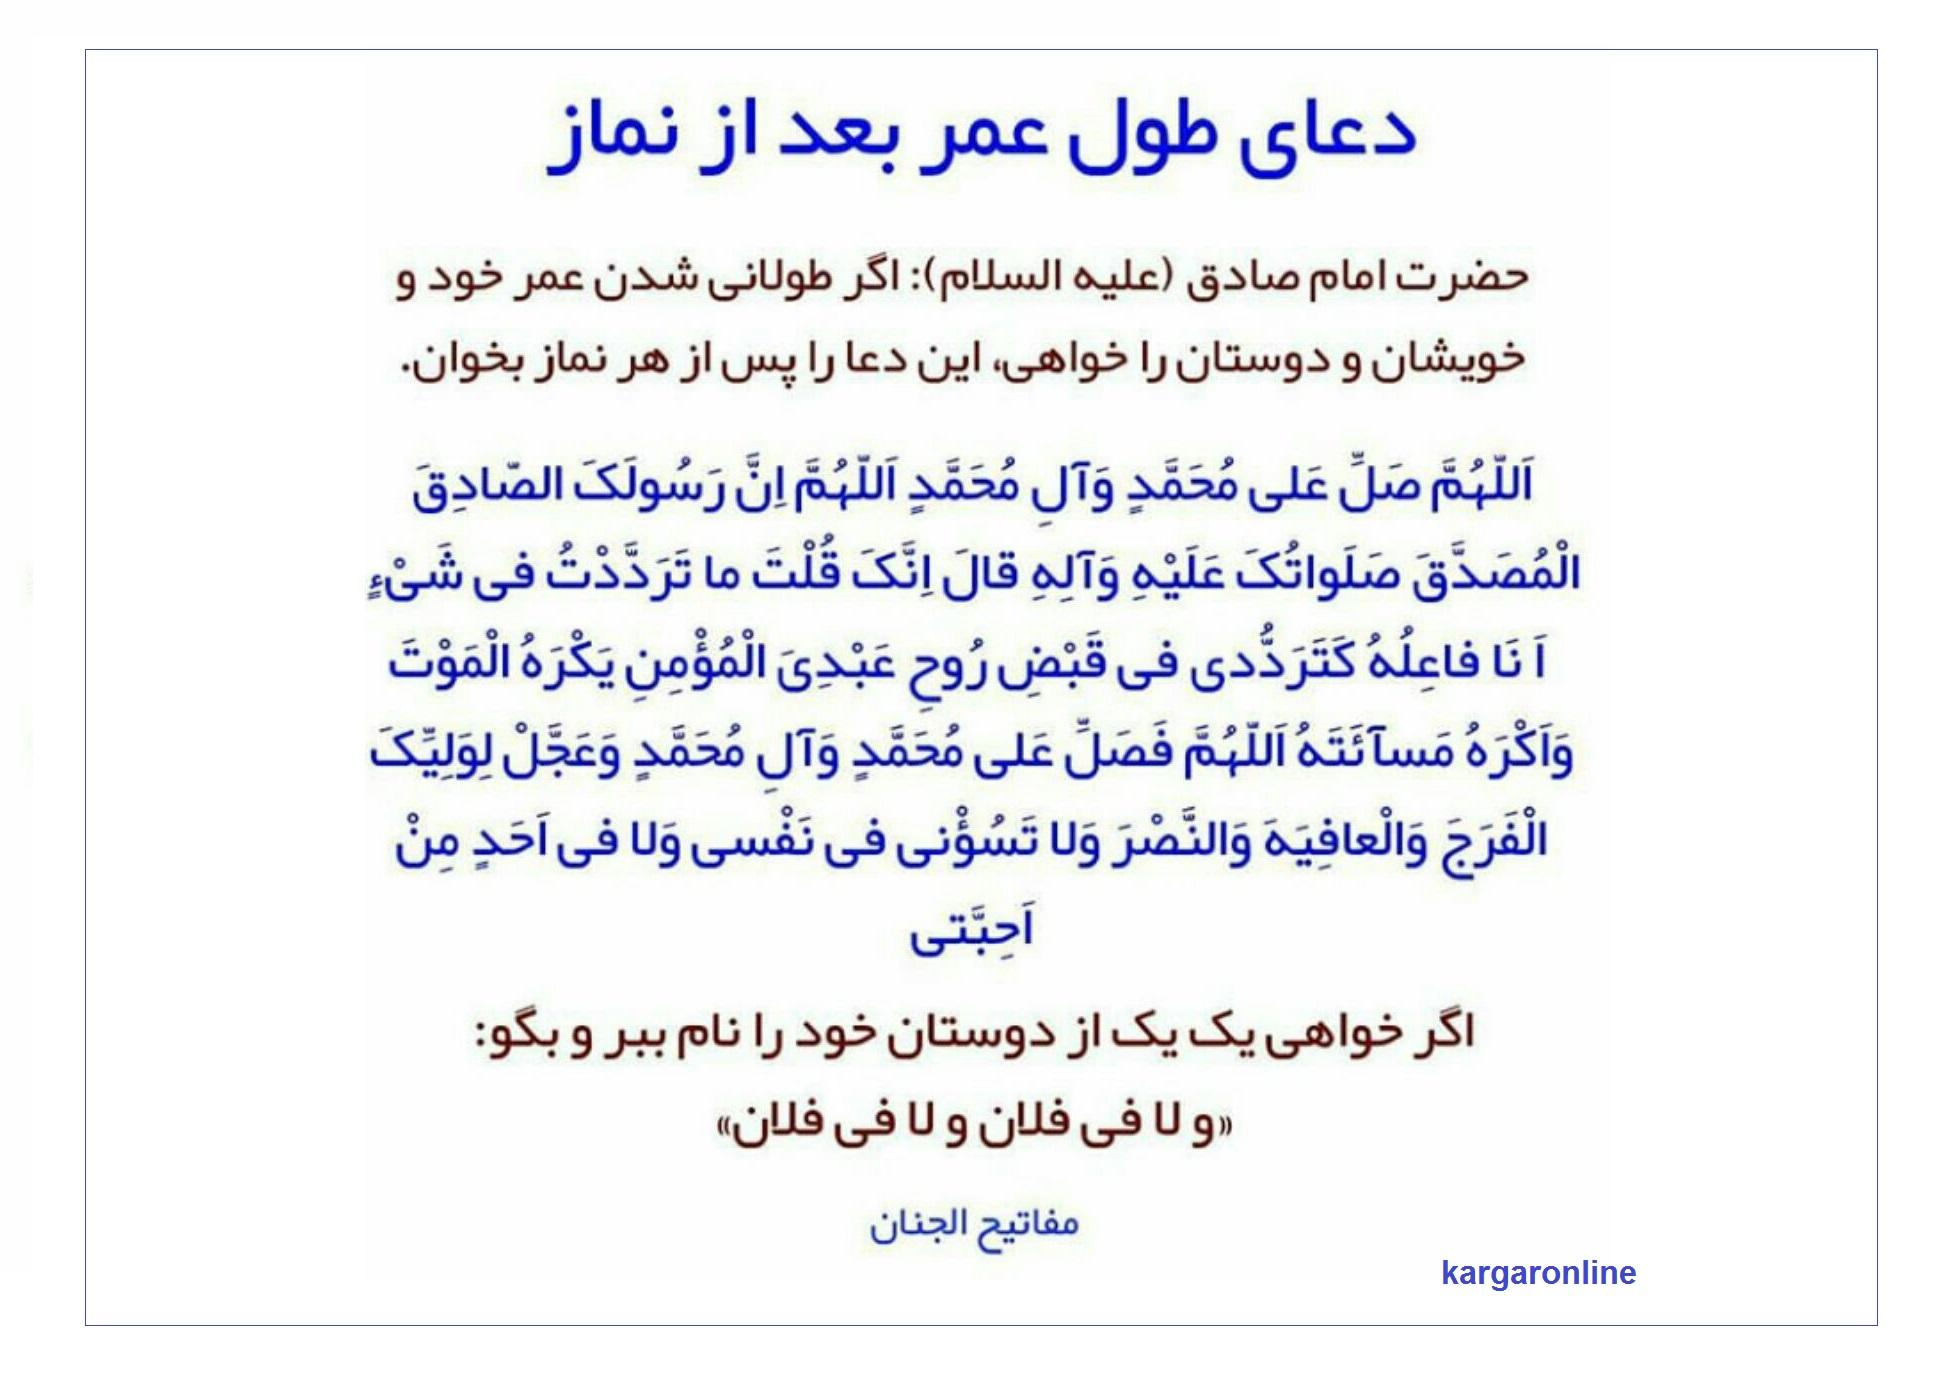 دعایی که عمر شما را طولانی تر می کند+نظر امام صادق علیه السلام